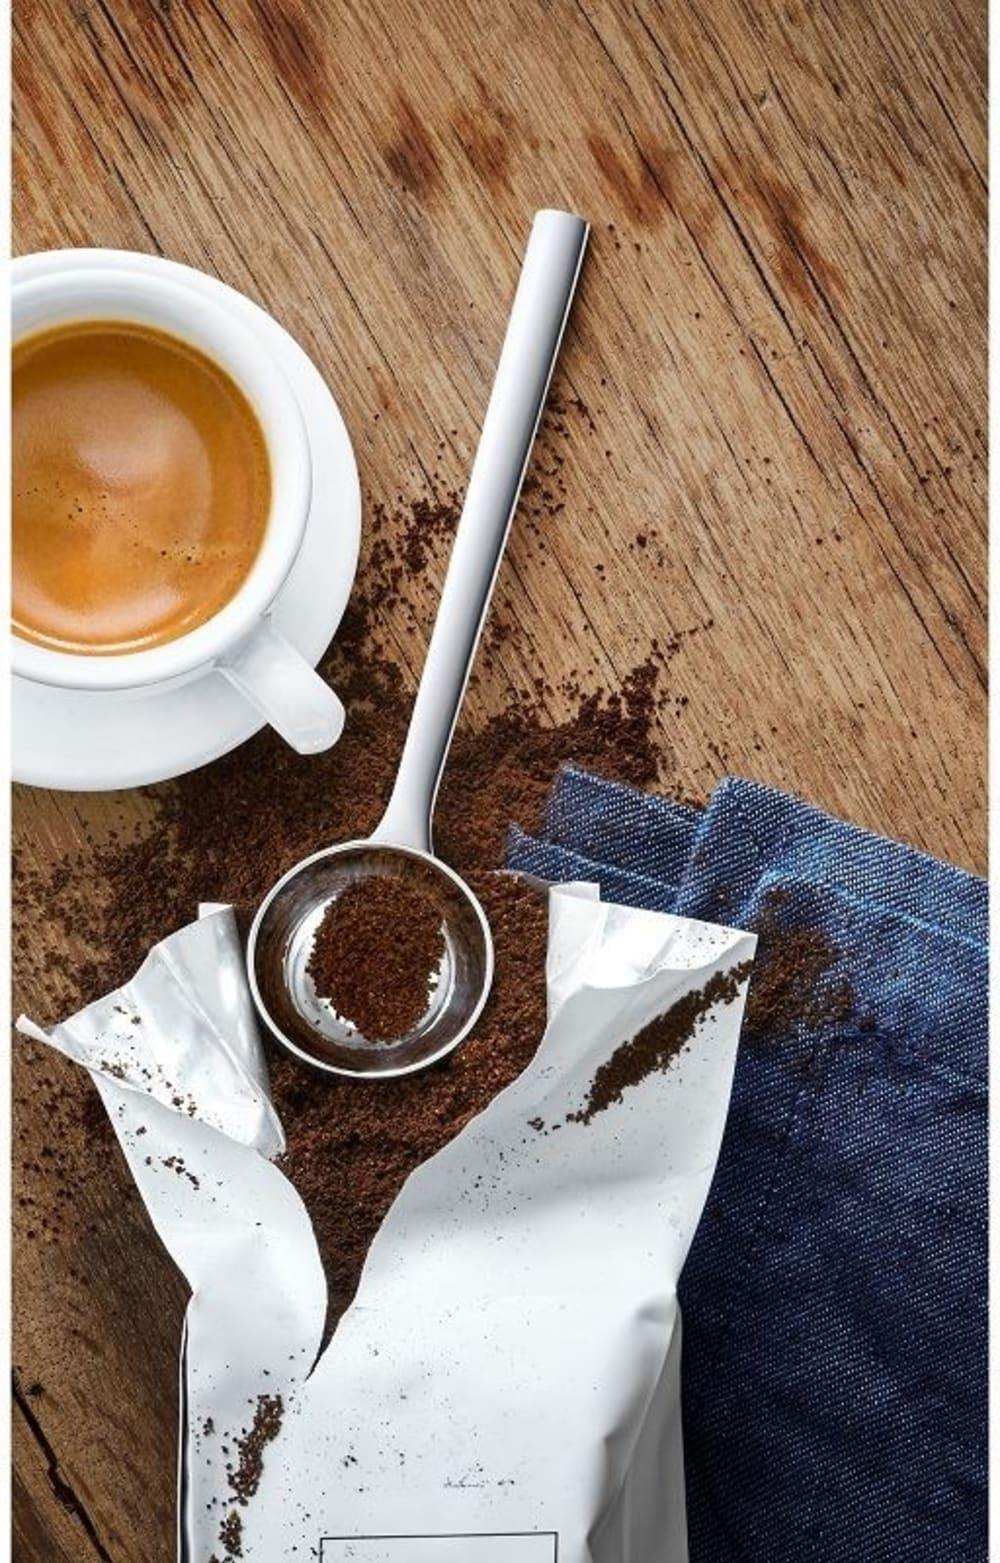 Miarka do kawy, Nuova